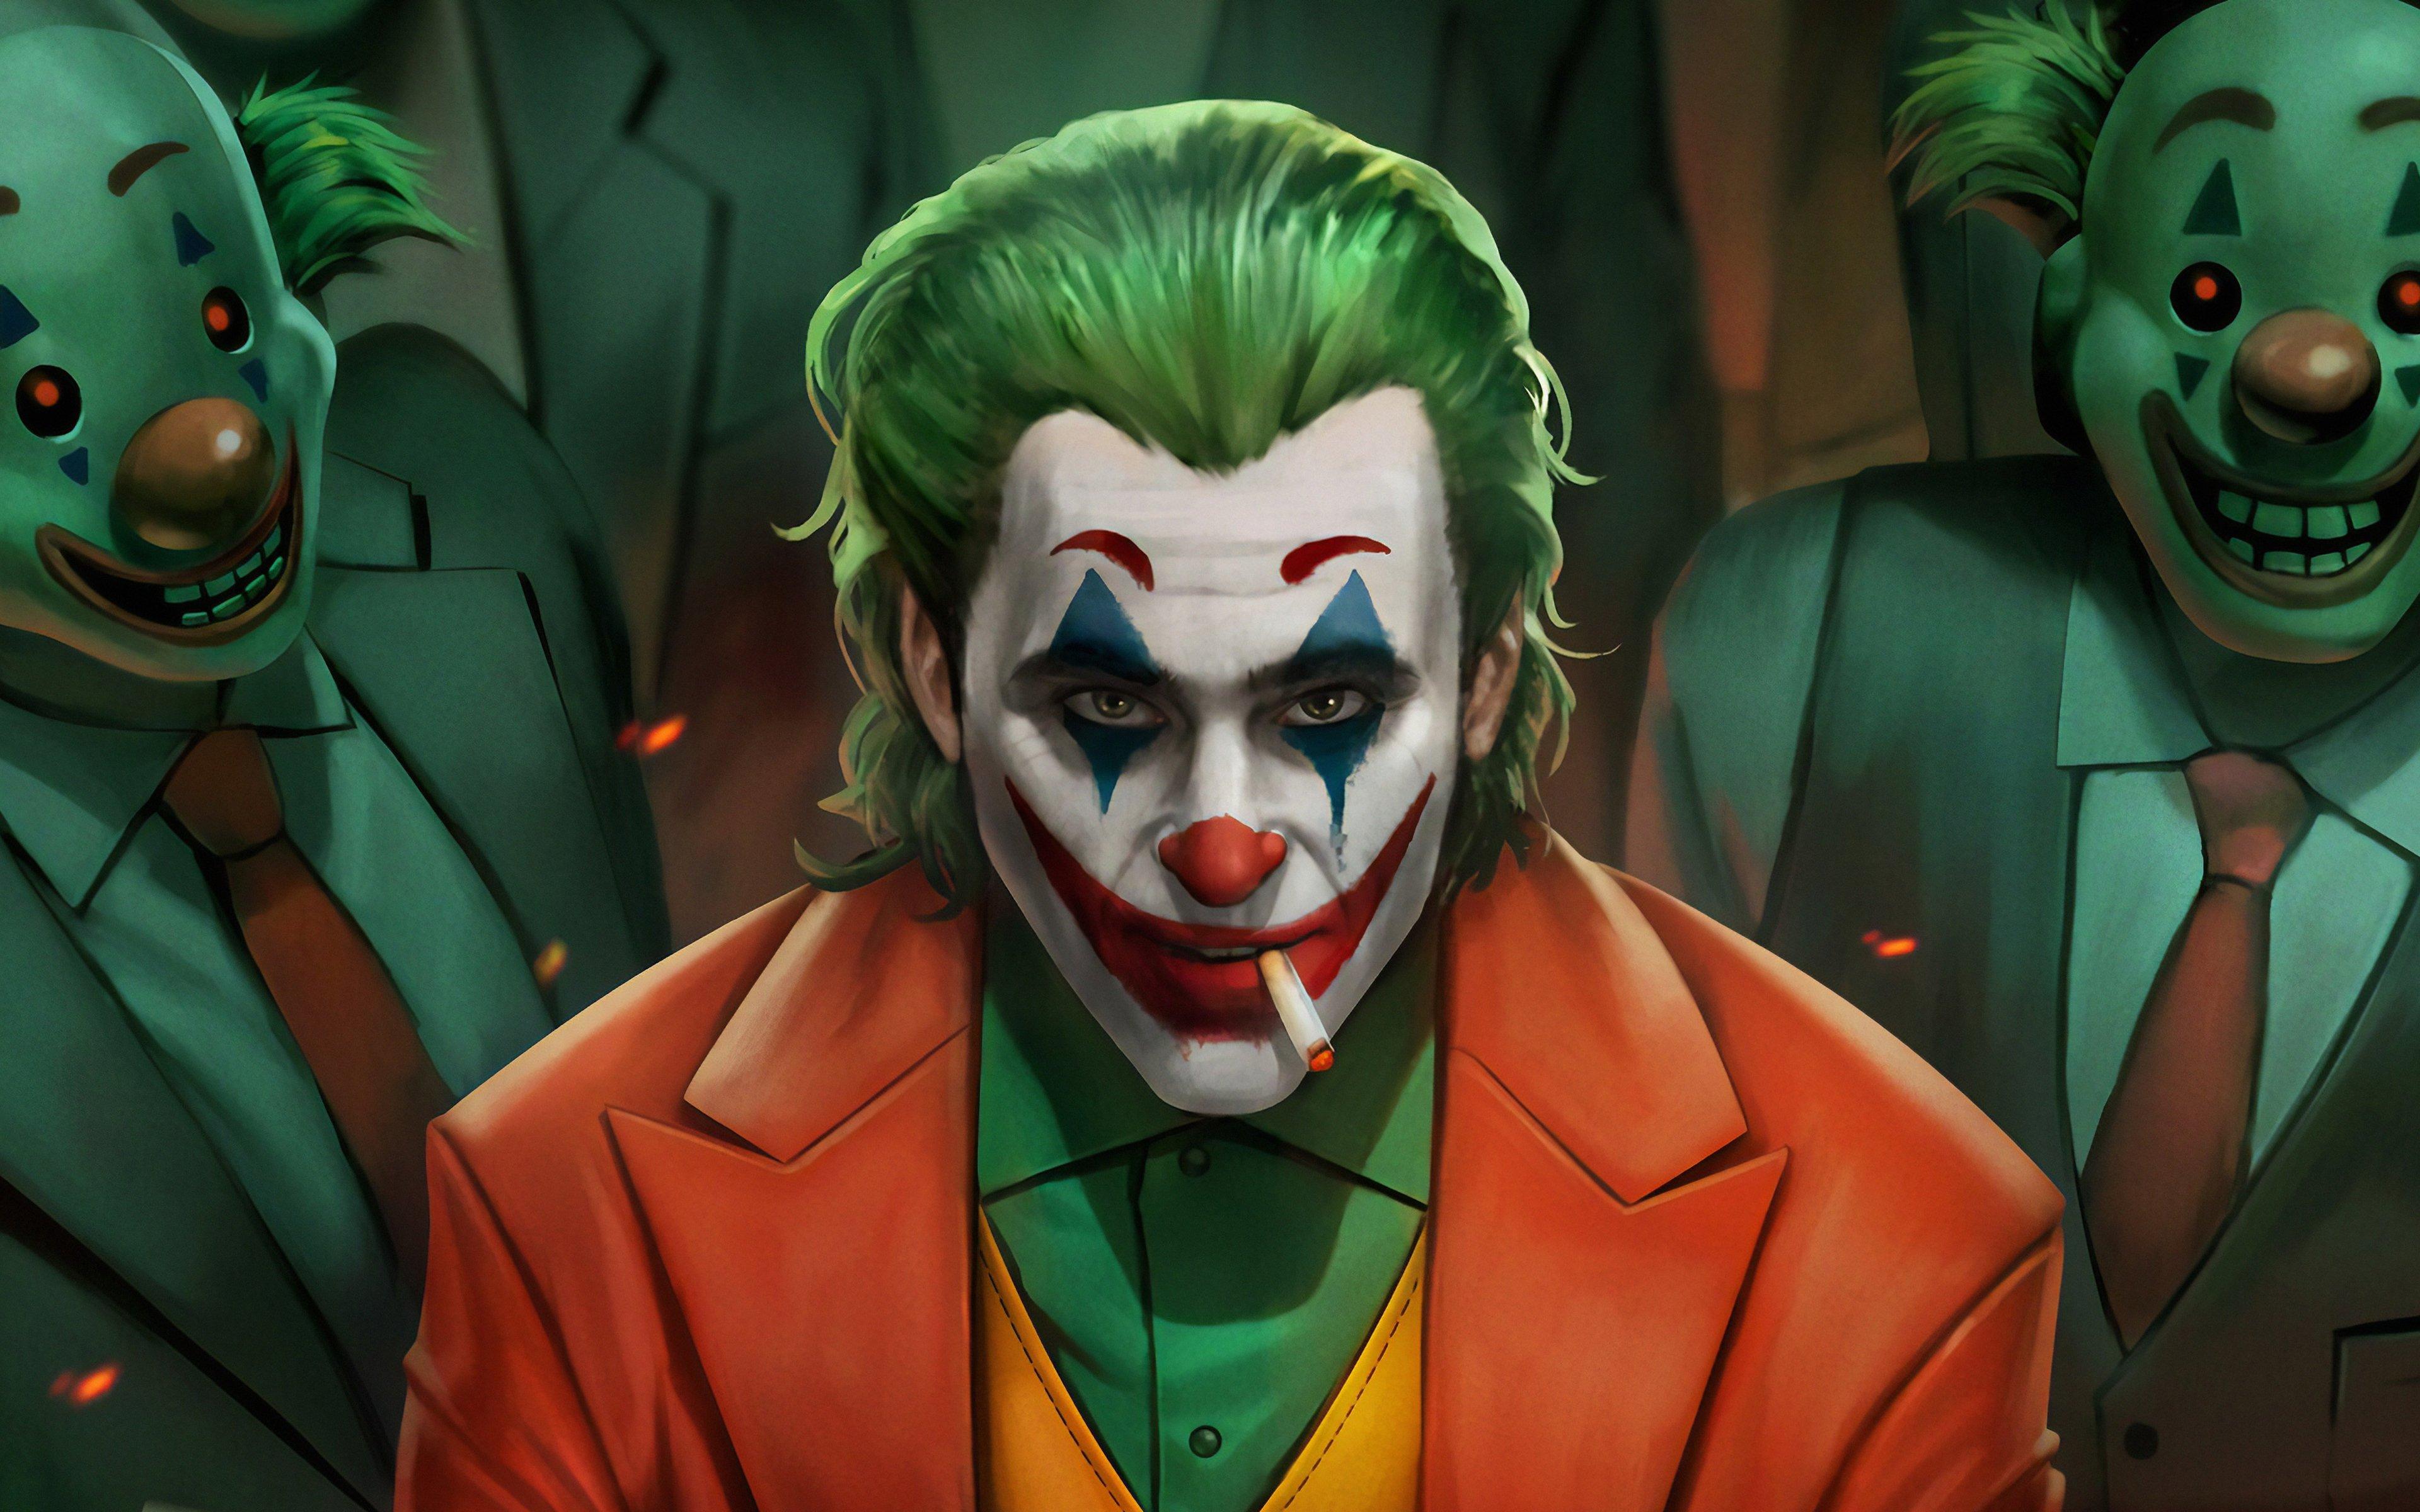 Wallpaper Joker with clowns Fanart